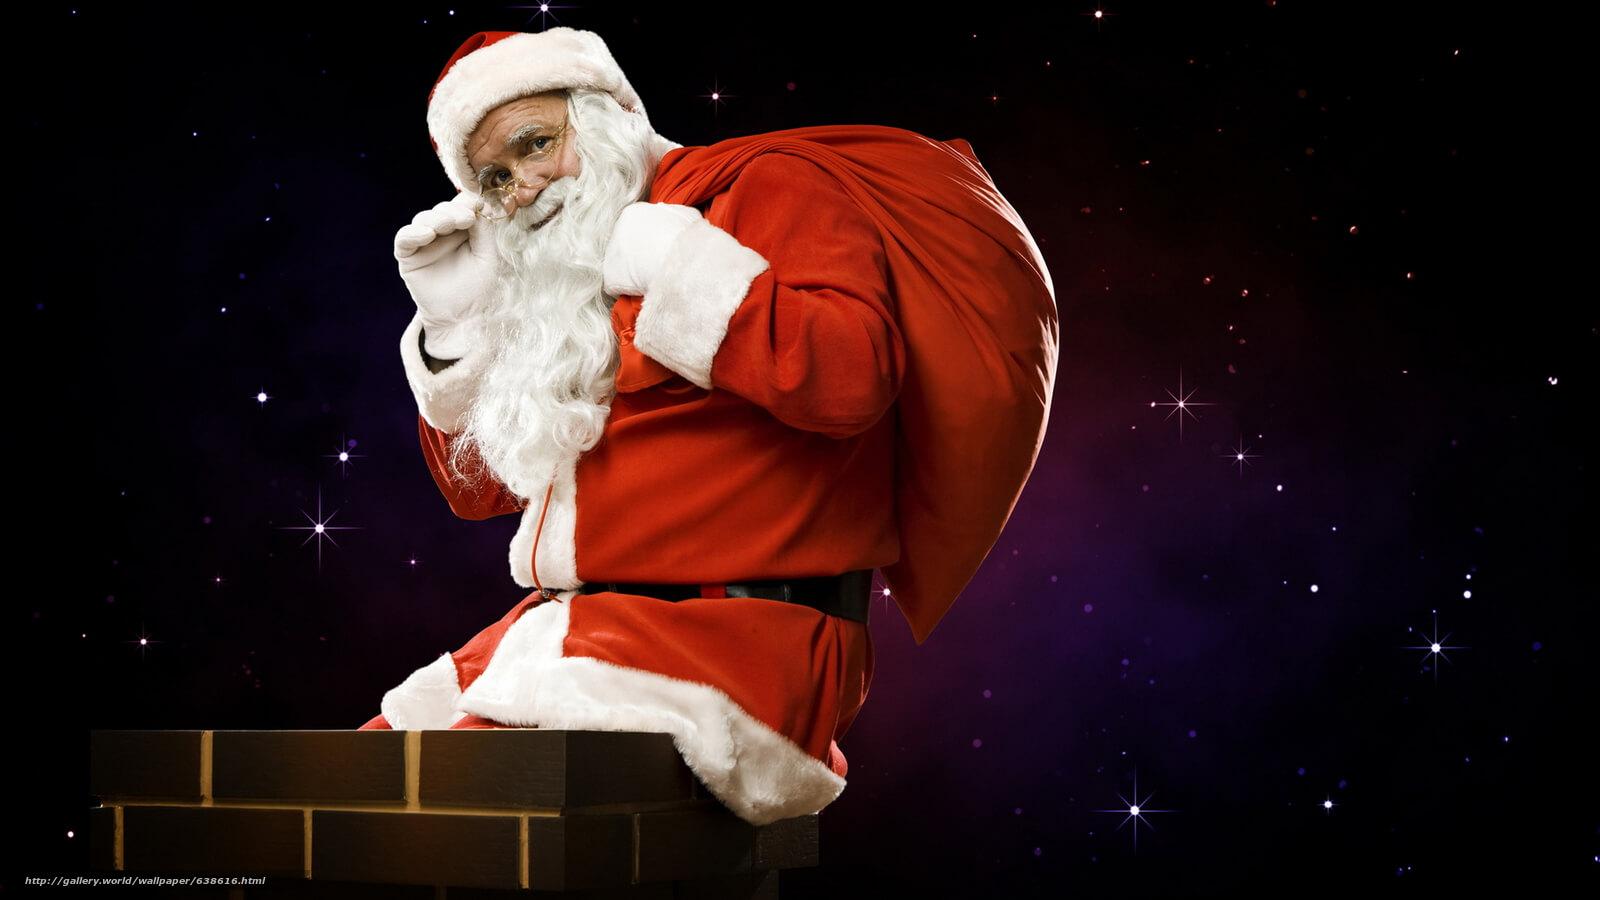 Картинки веселых и смешных Дедов Морозов 3